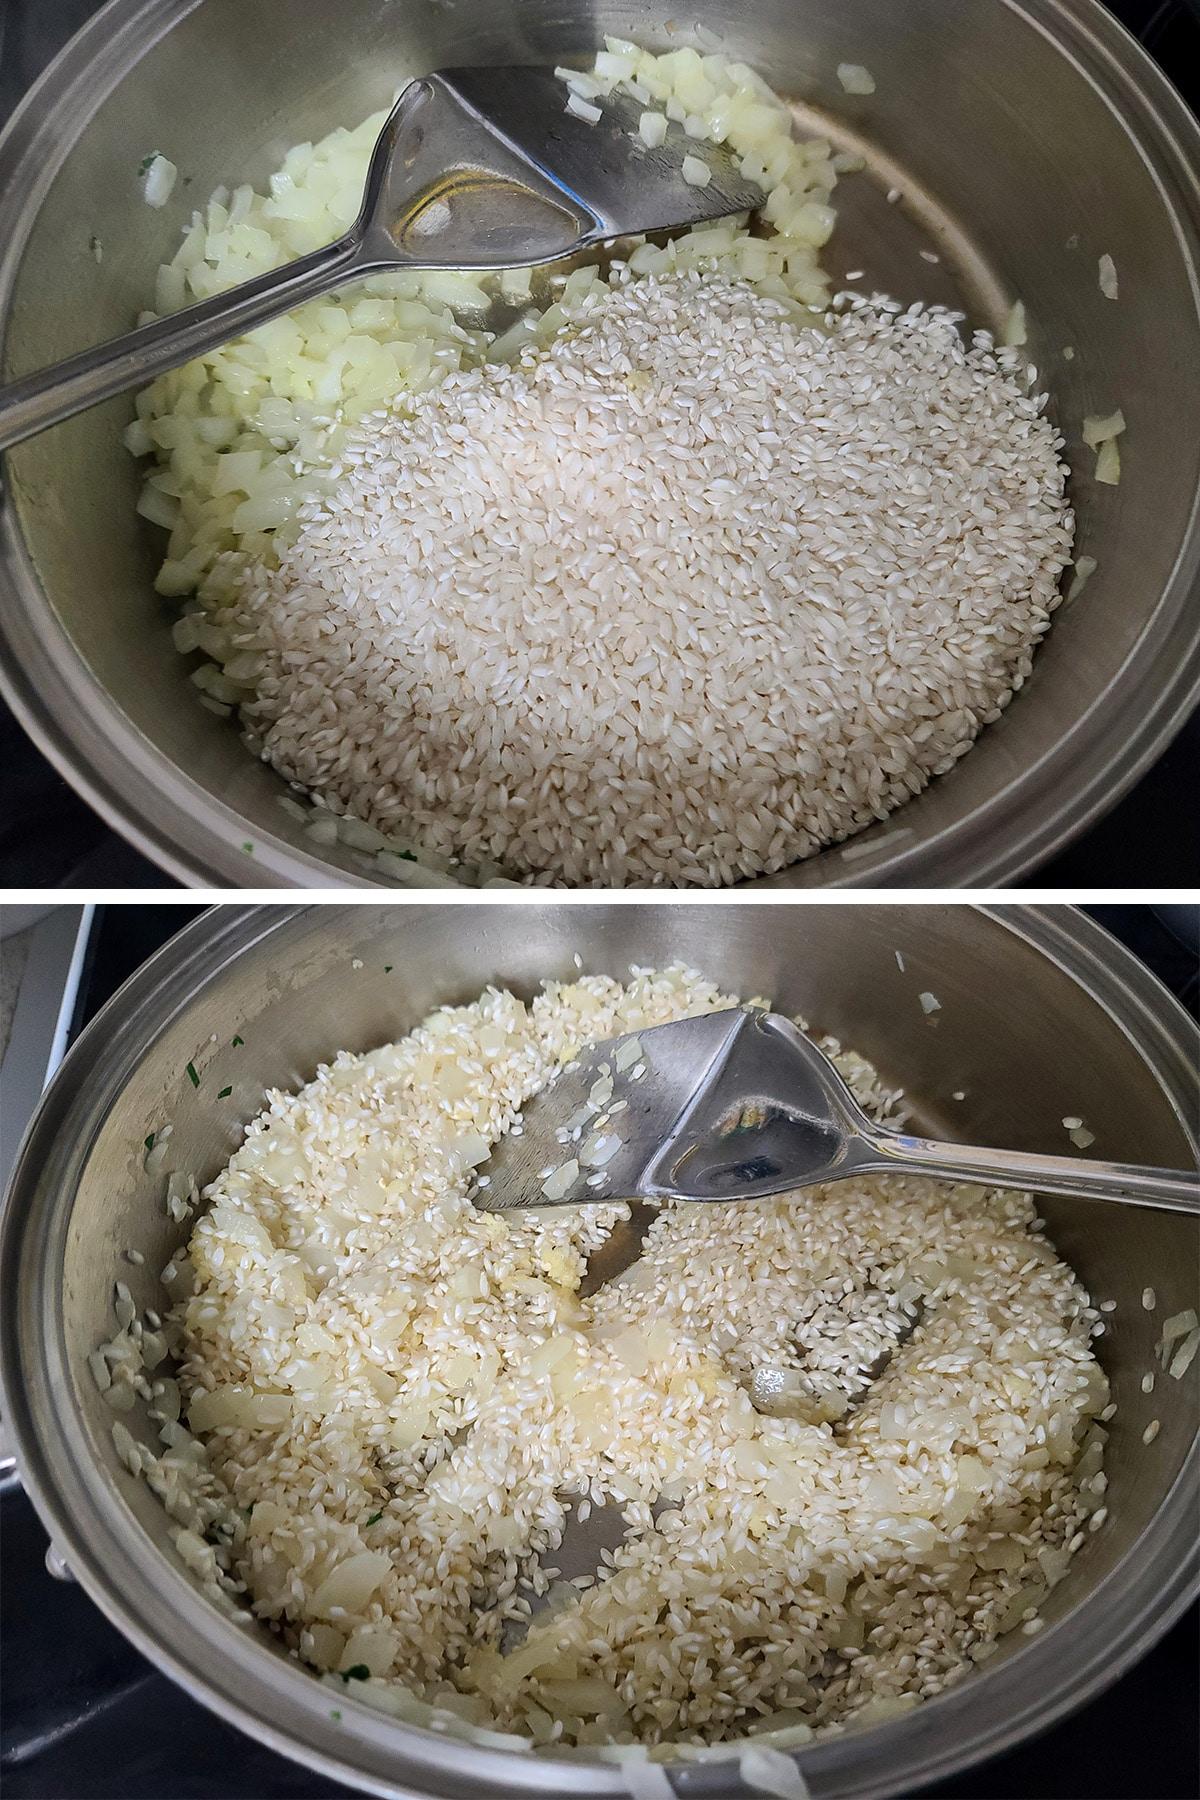 Rice in a large metal pan.